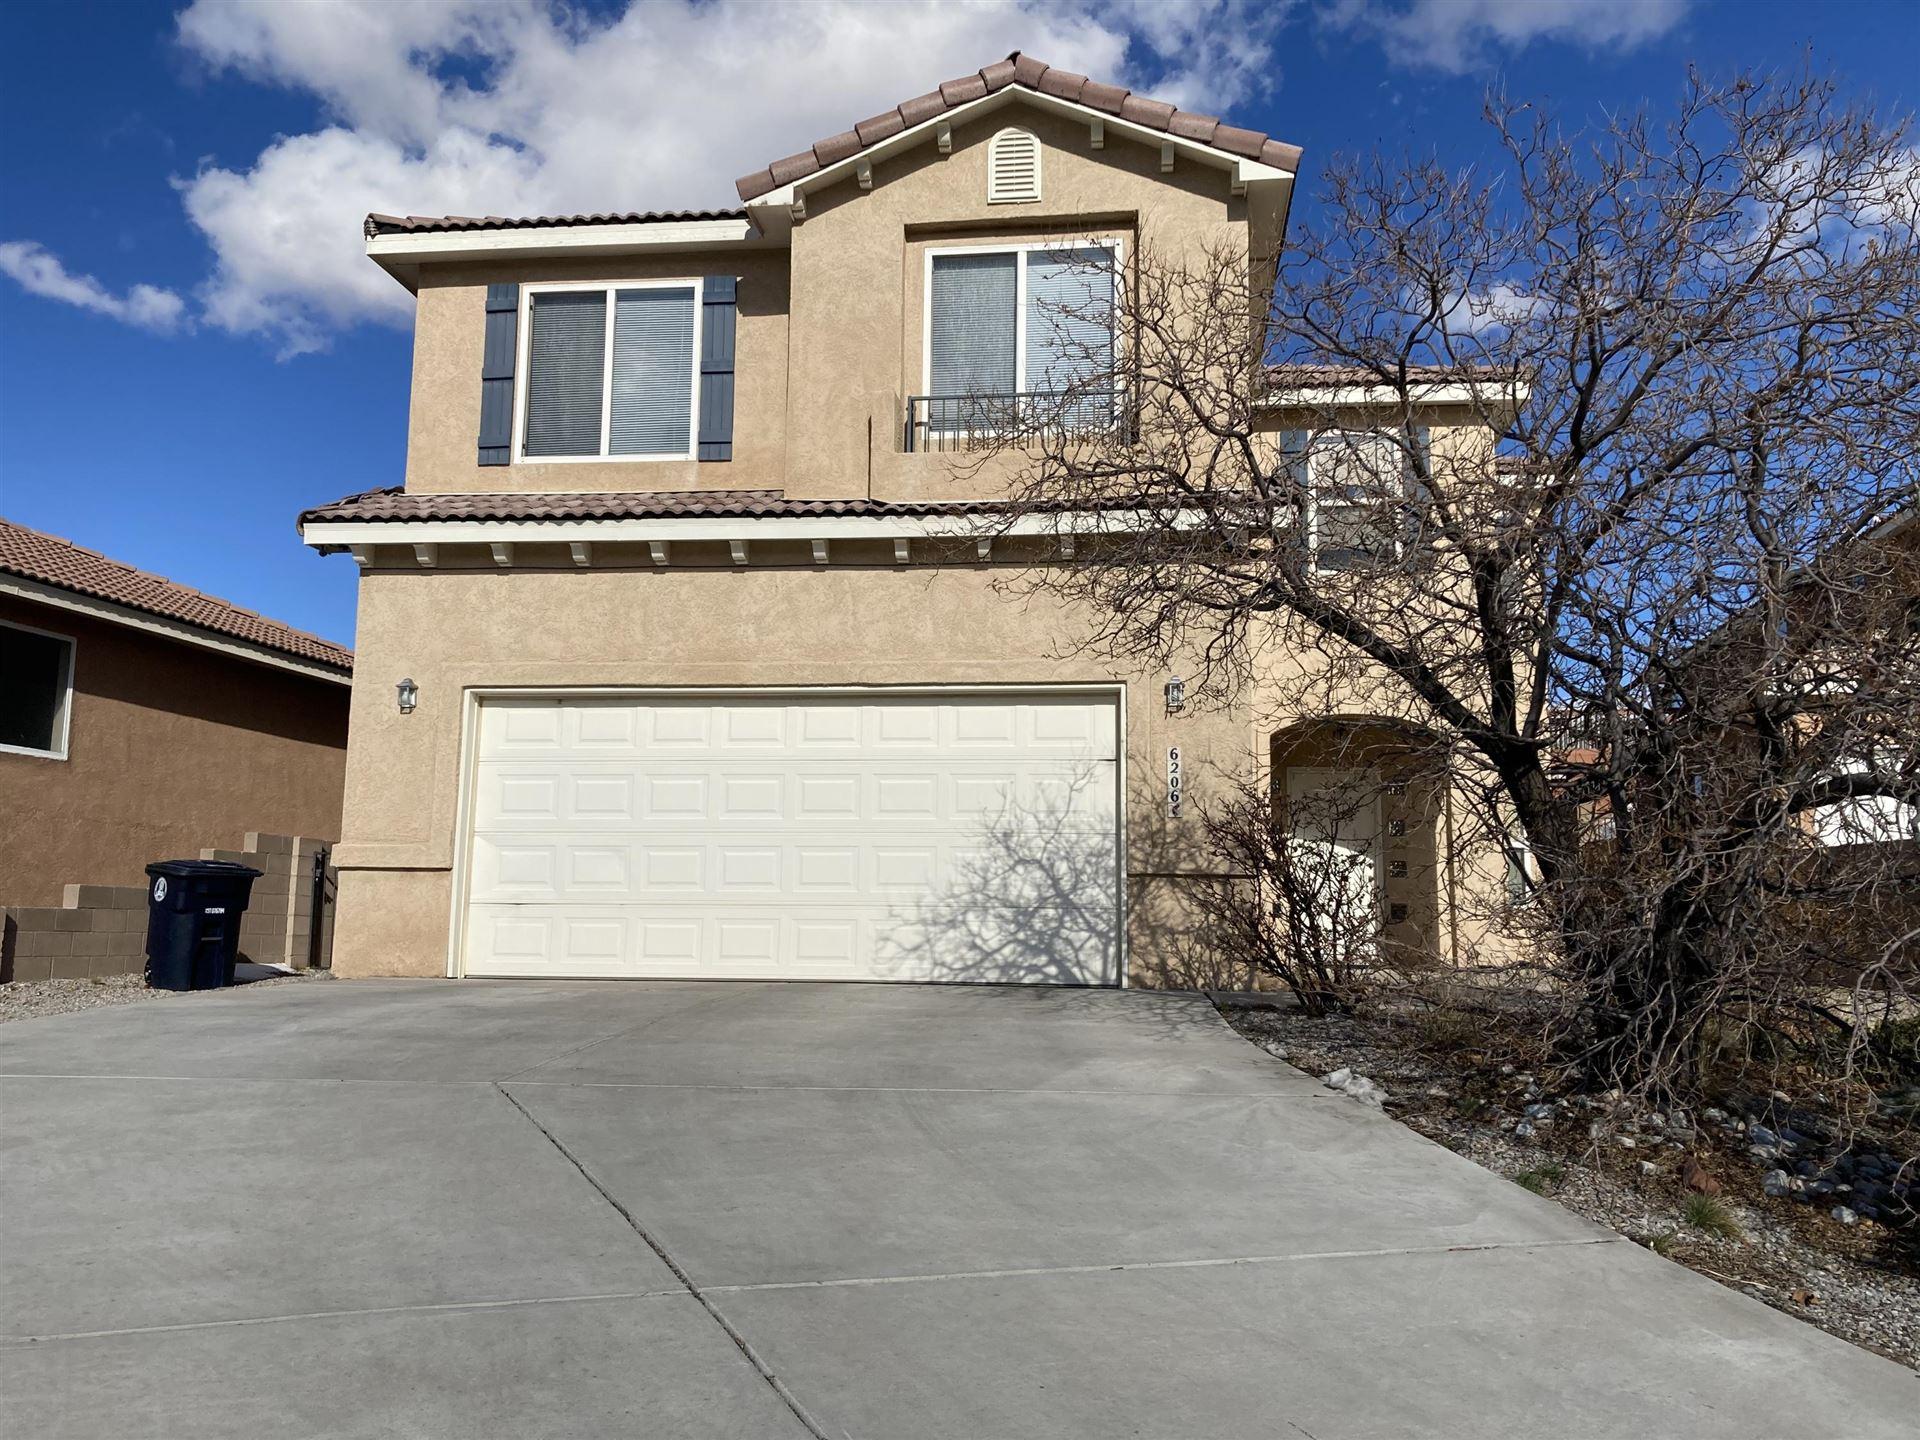 6206 SIERRA NEVADA Circle NW, Albuquerque, NM 87114 - MLS#: 986721